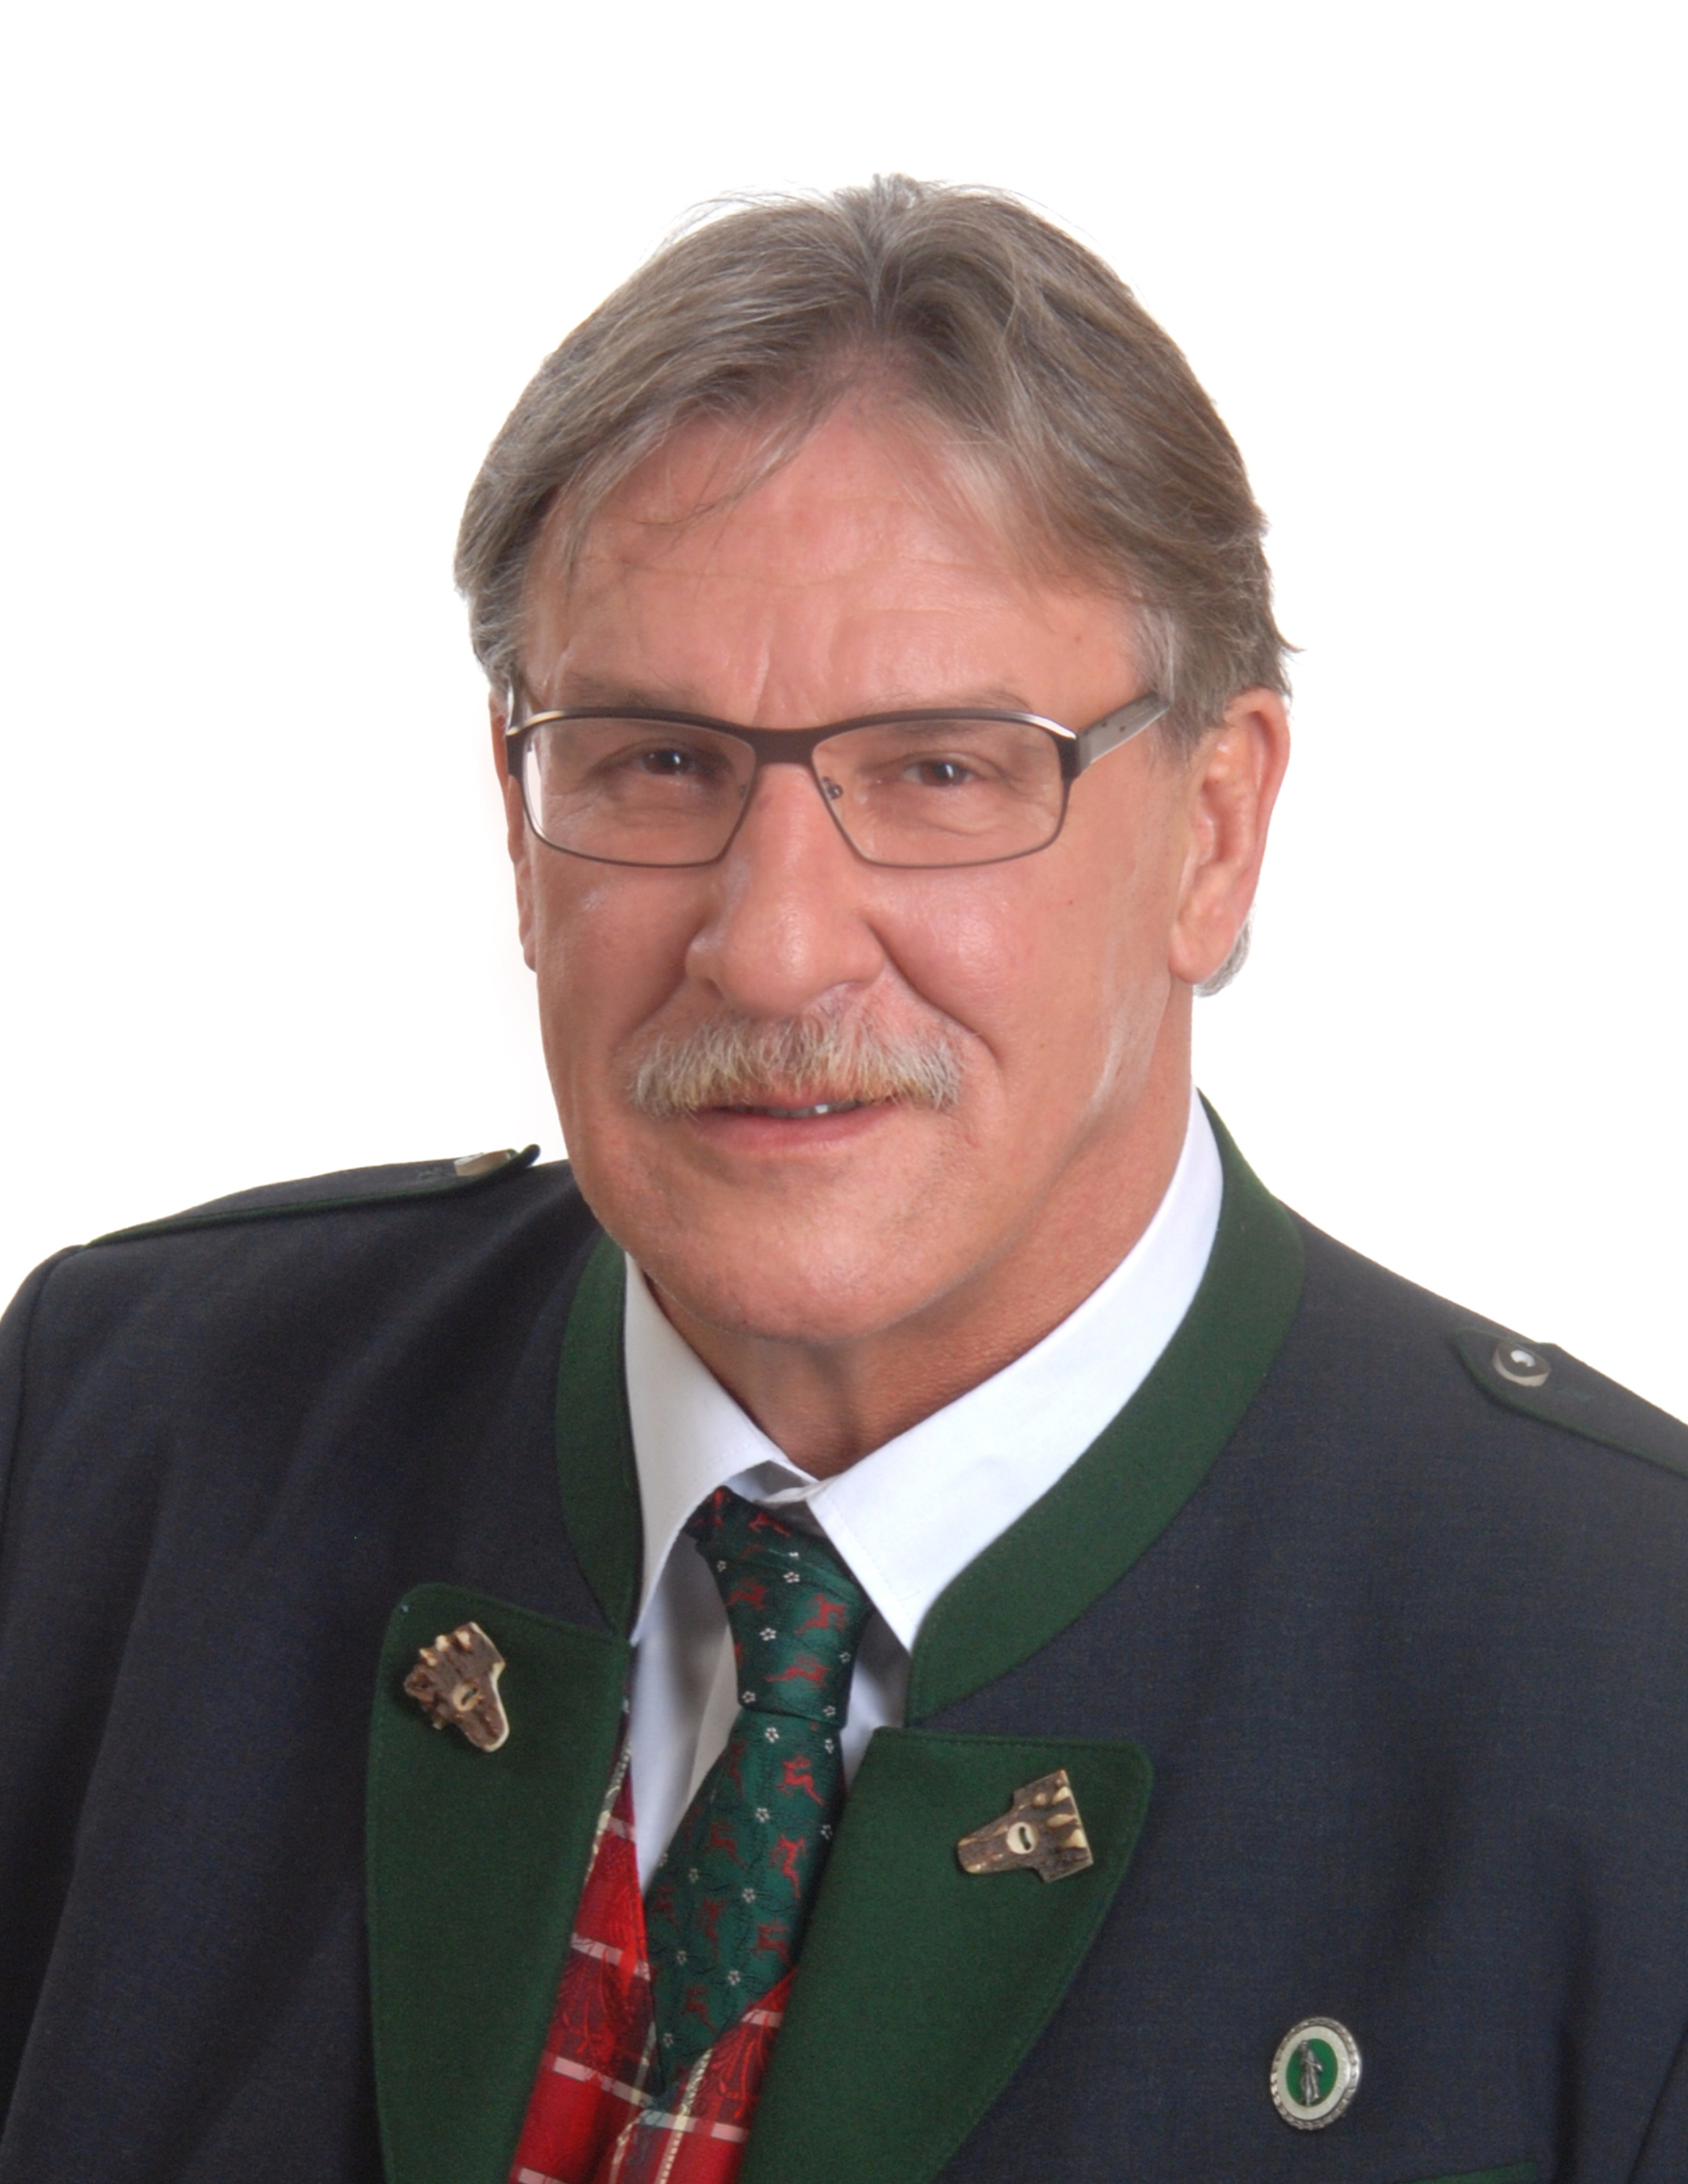 Josef Horn